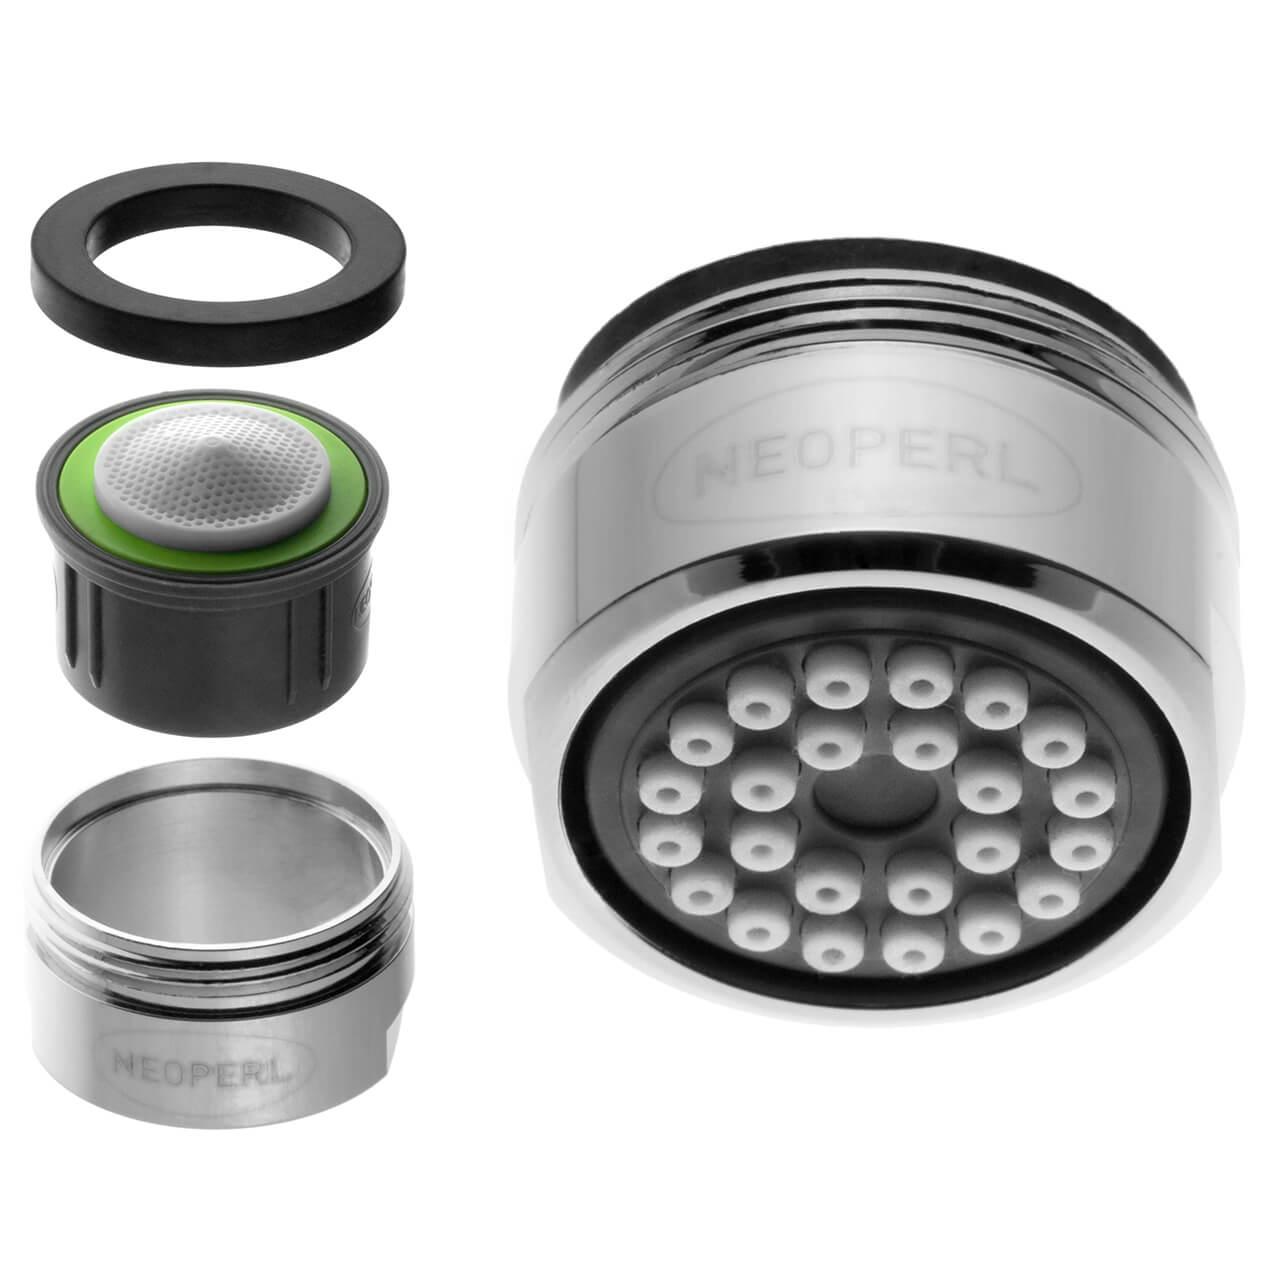 Aeratore per rubinetto Neoperl Spray 1.9 l/min